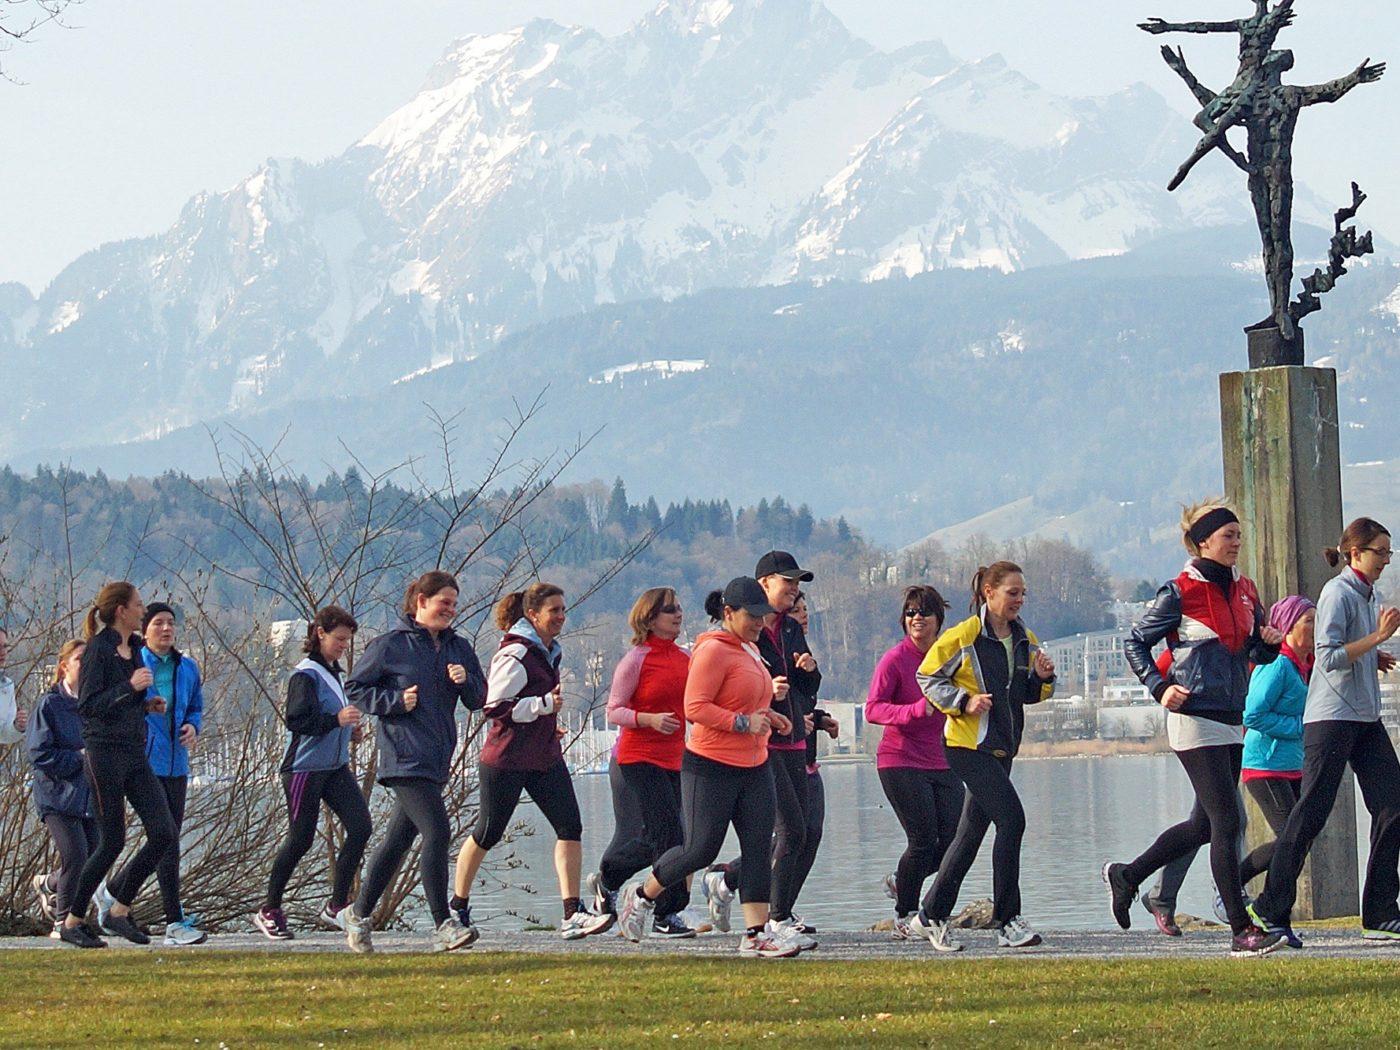 Eine Gruppe von Frauen trainiert zusammen laufend am Vierwaldstädtersee